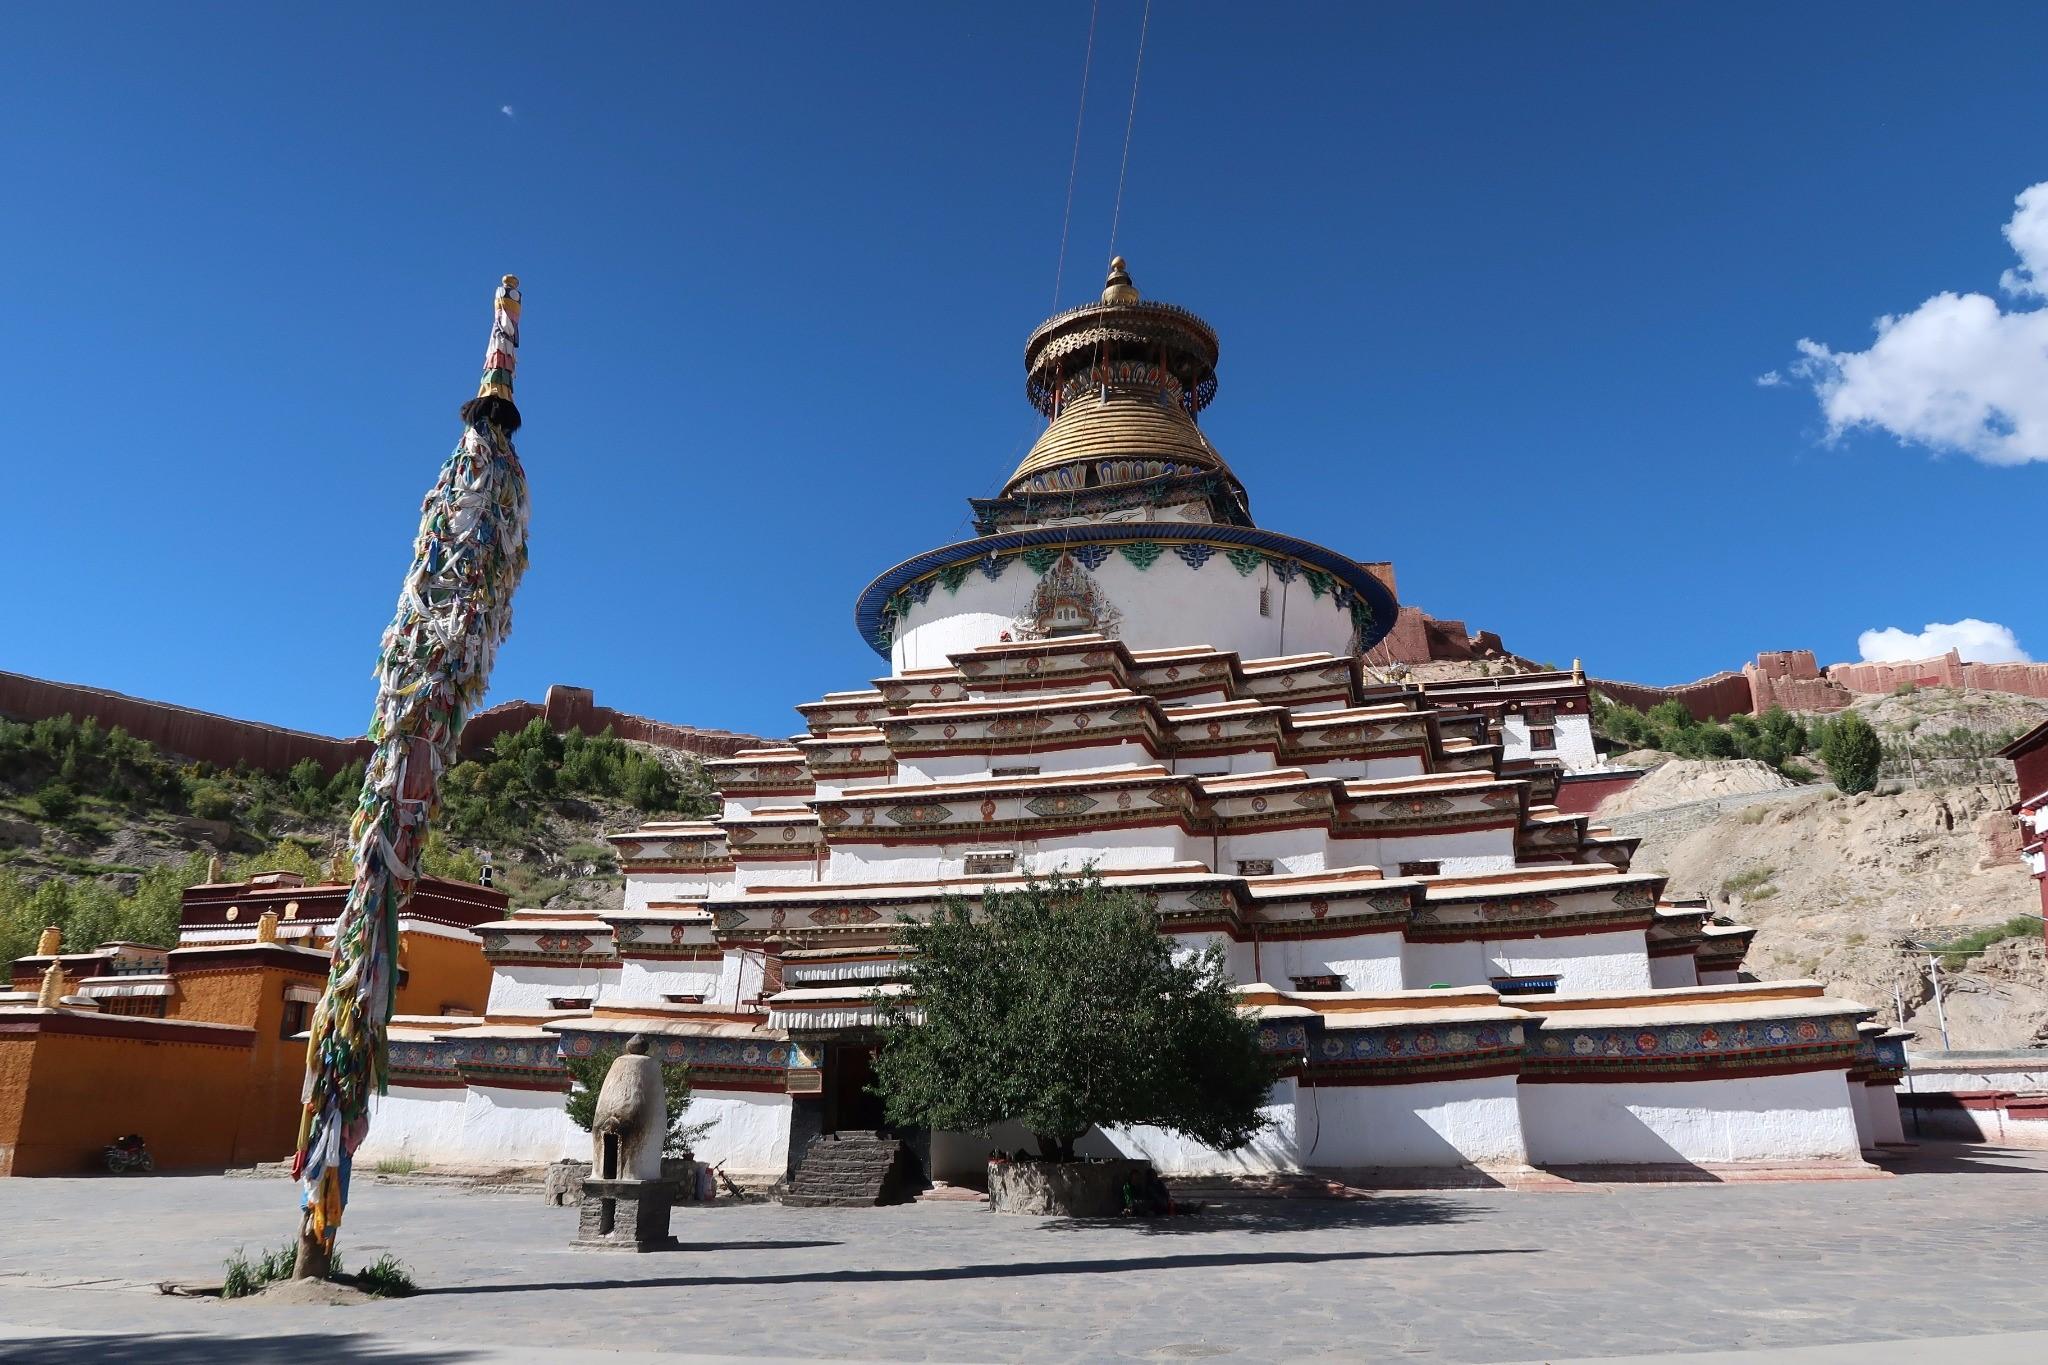 西藏布達拉宮+崑崙山瑤池+九天玄女鳳凰山~青藏雙鐵道10日